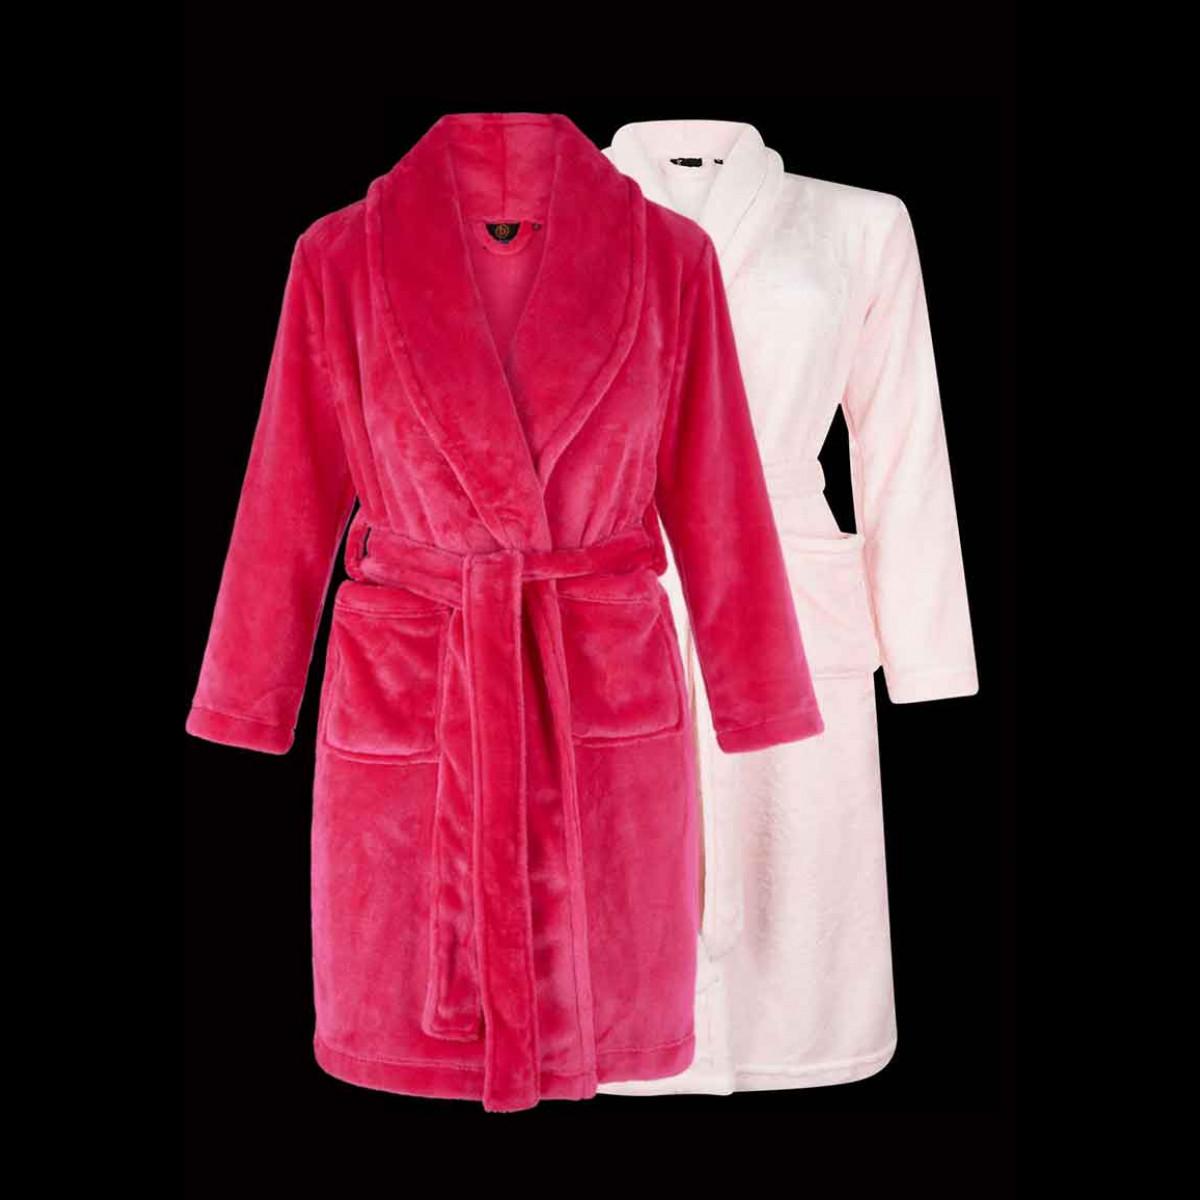 Meisjes kinderbadjas - 2 kleuren roze